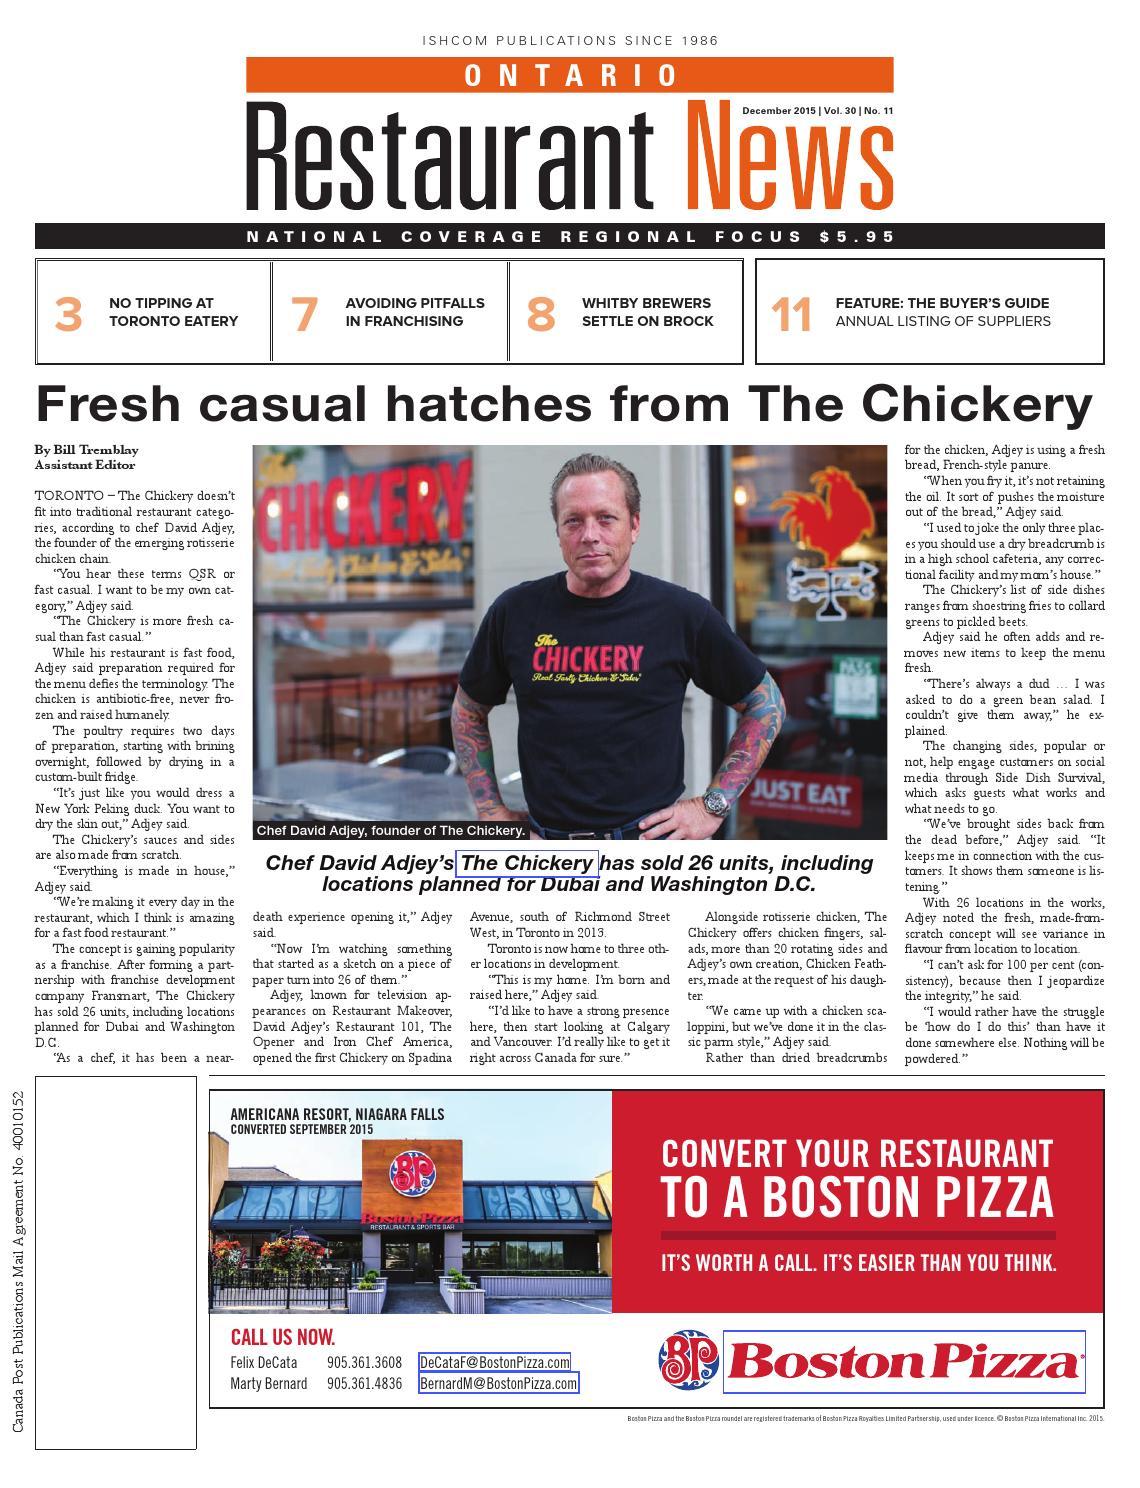 Ontario Restaurant News - December 2015 by Ishcom Publications - issuu